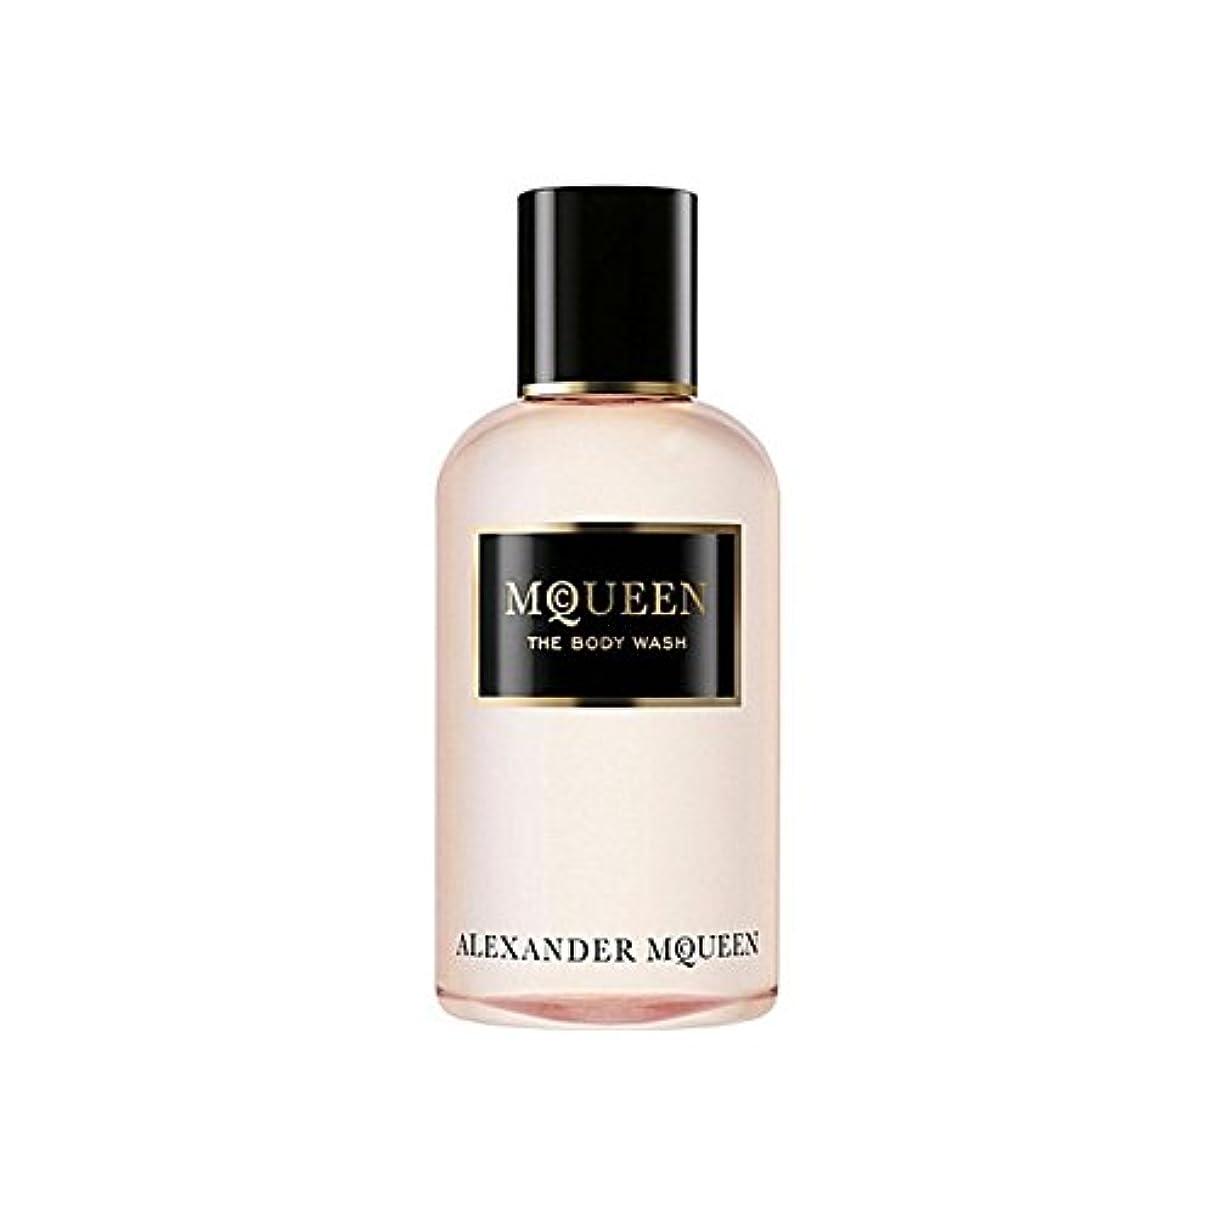 宮殿青偽装するAlexander McQueen Amq Mcqueen Eau De Parfum Shower Gel 250ml - アレキサンダーマックイーンマックイーンオードパルファムシャワージェル250ミリリットル [並行輸入品]